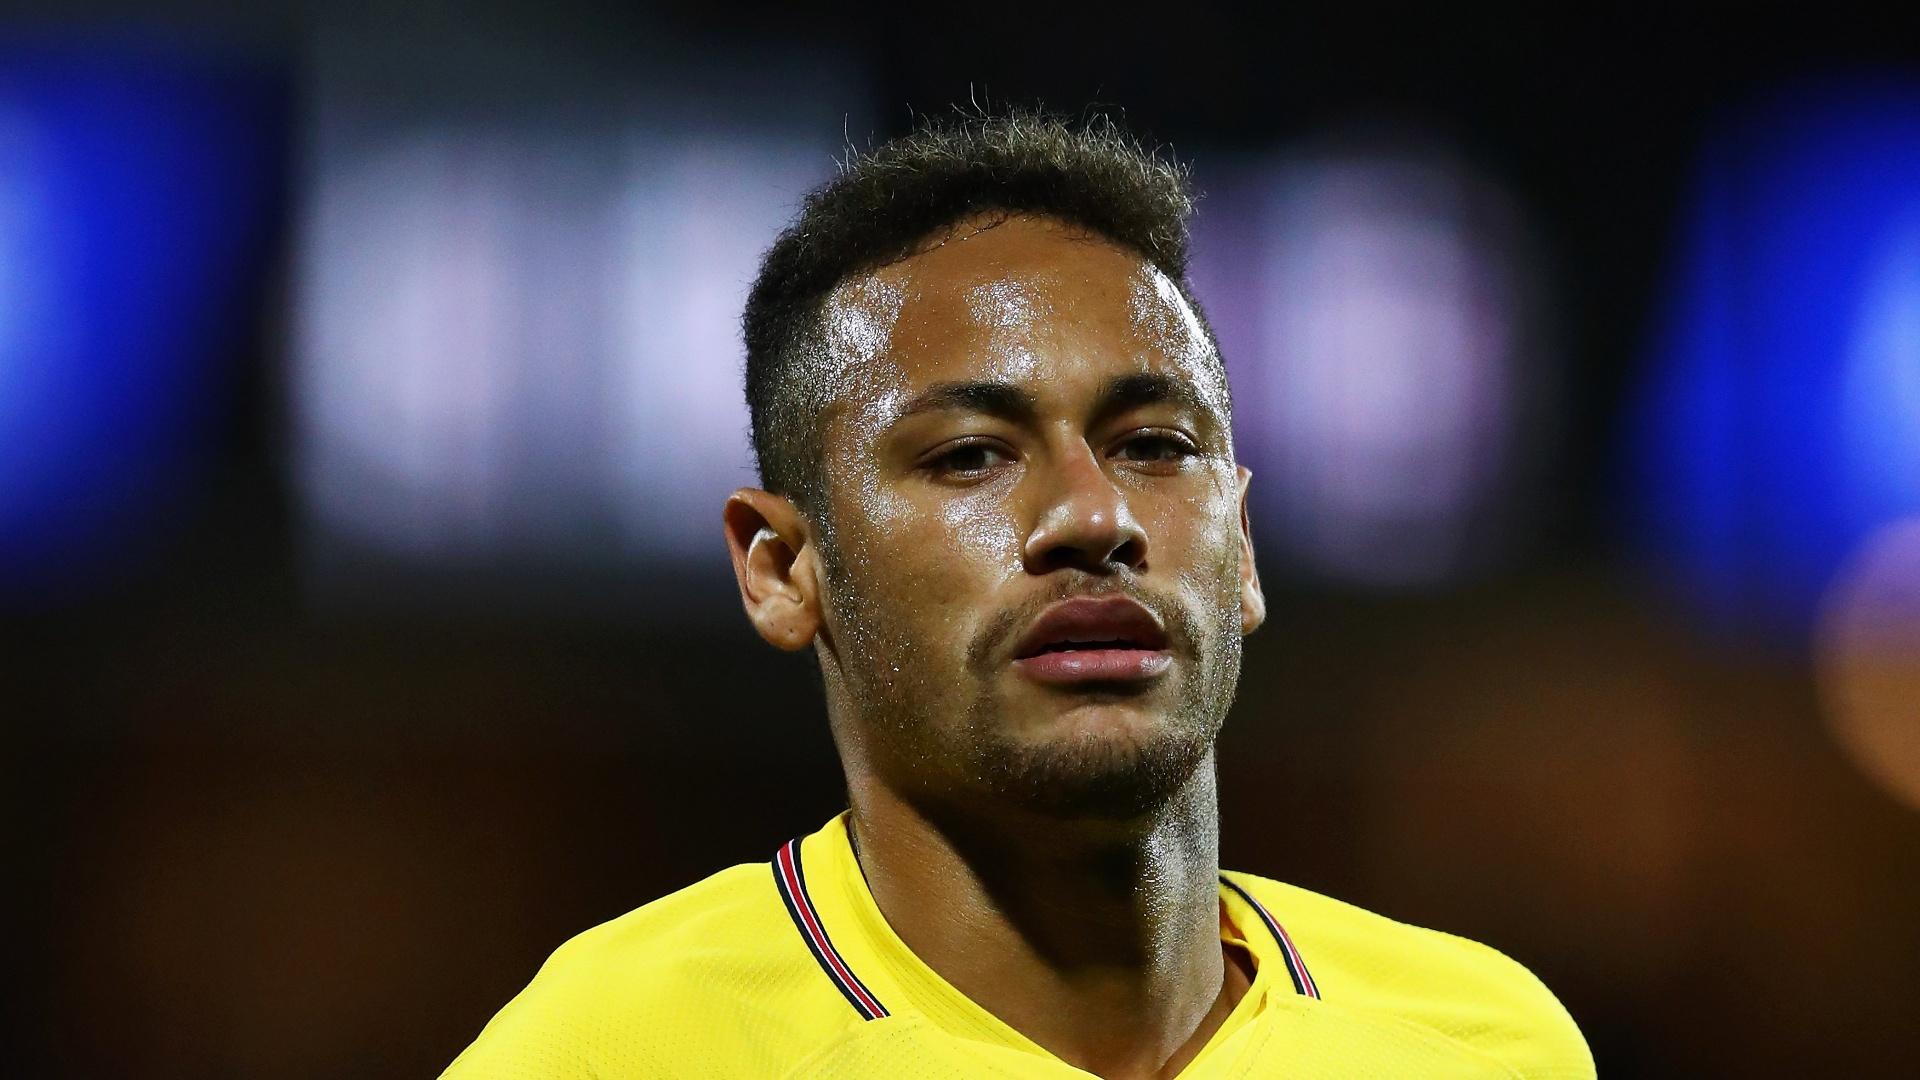 Neymar deve voltar ao time do PSG contra o Bayern de Munique